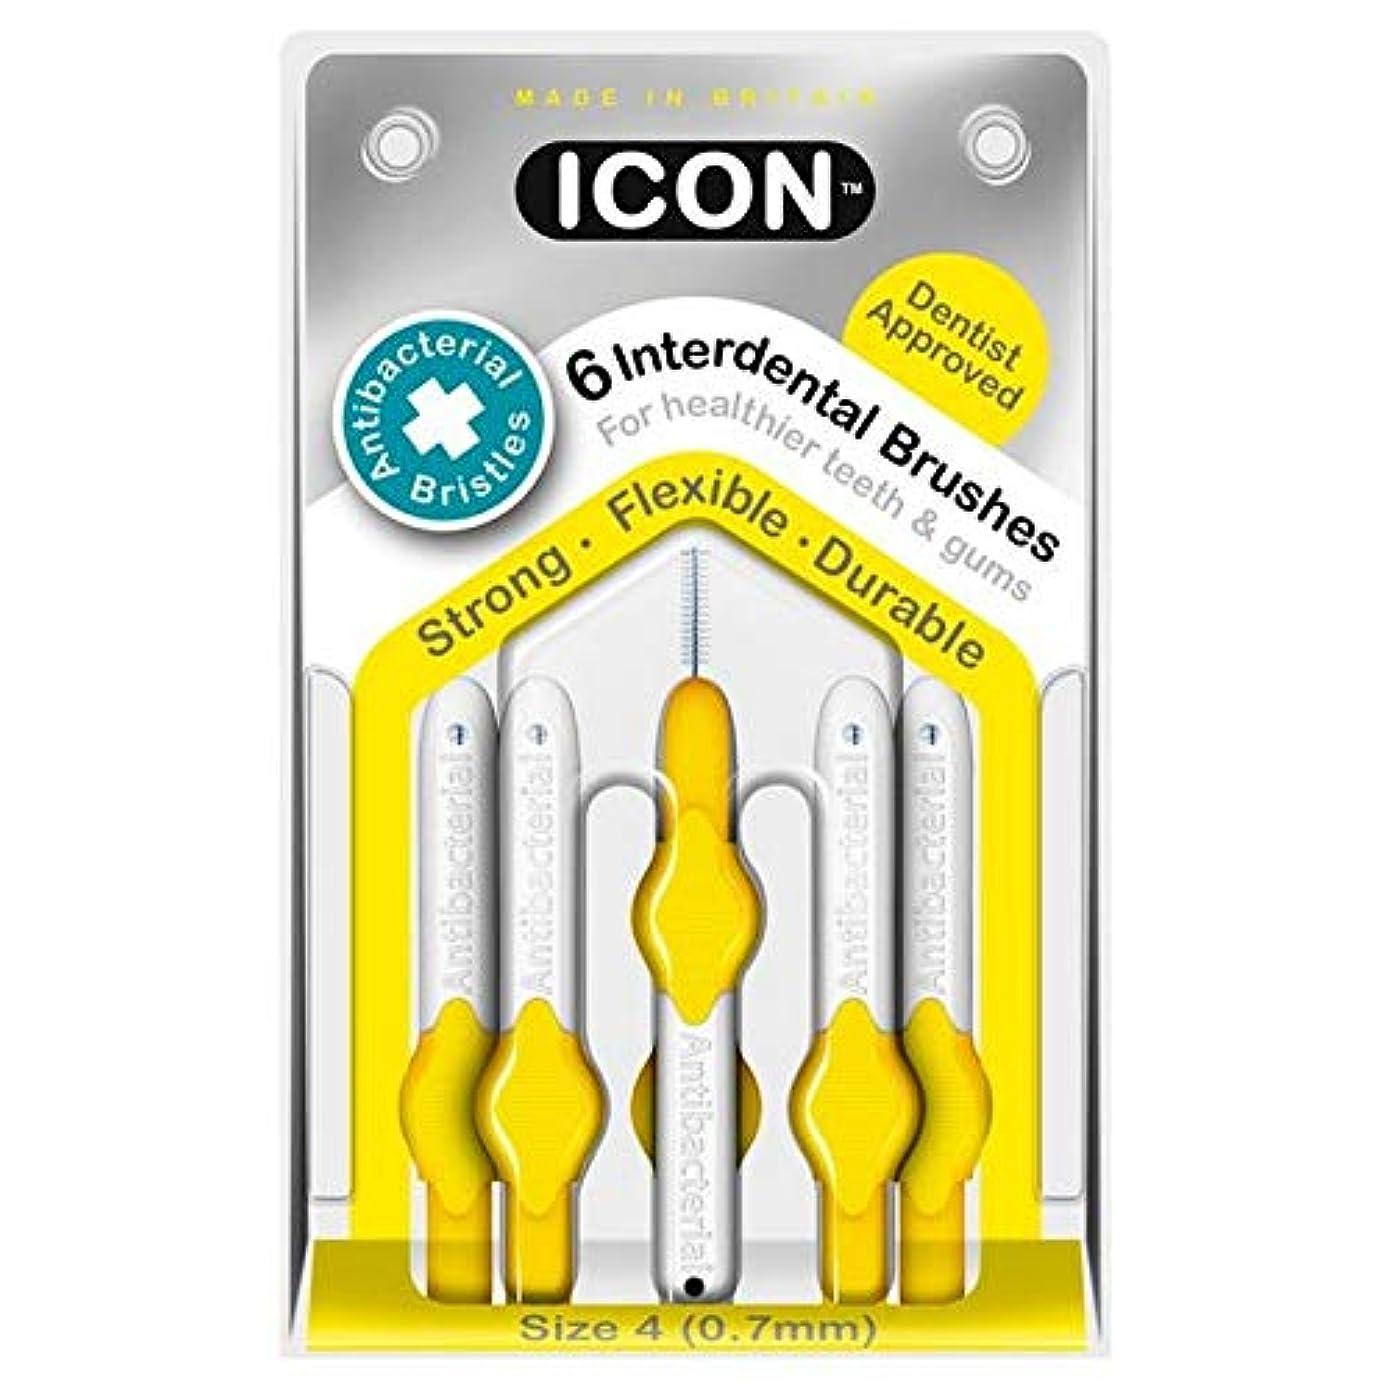 後時代遅れ倉庫[Icon ] アイコンの歯間には、パックあたり0.7ミリメートル6ブラシ - Icon Interdental Brushes 0.7mm 6 per pack [並行輸入品]